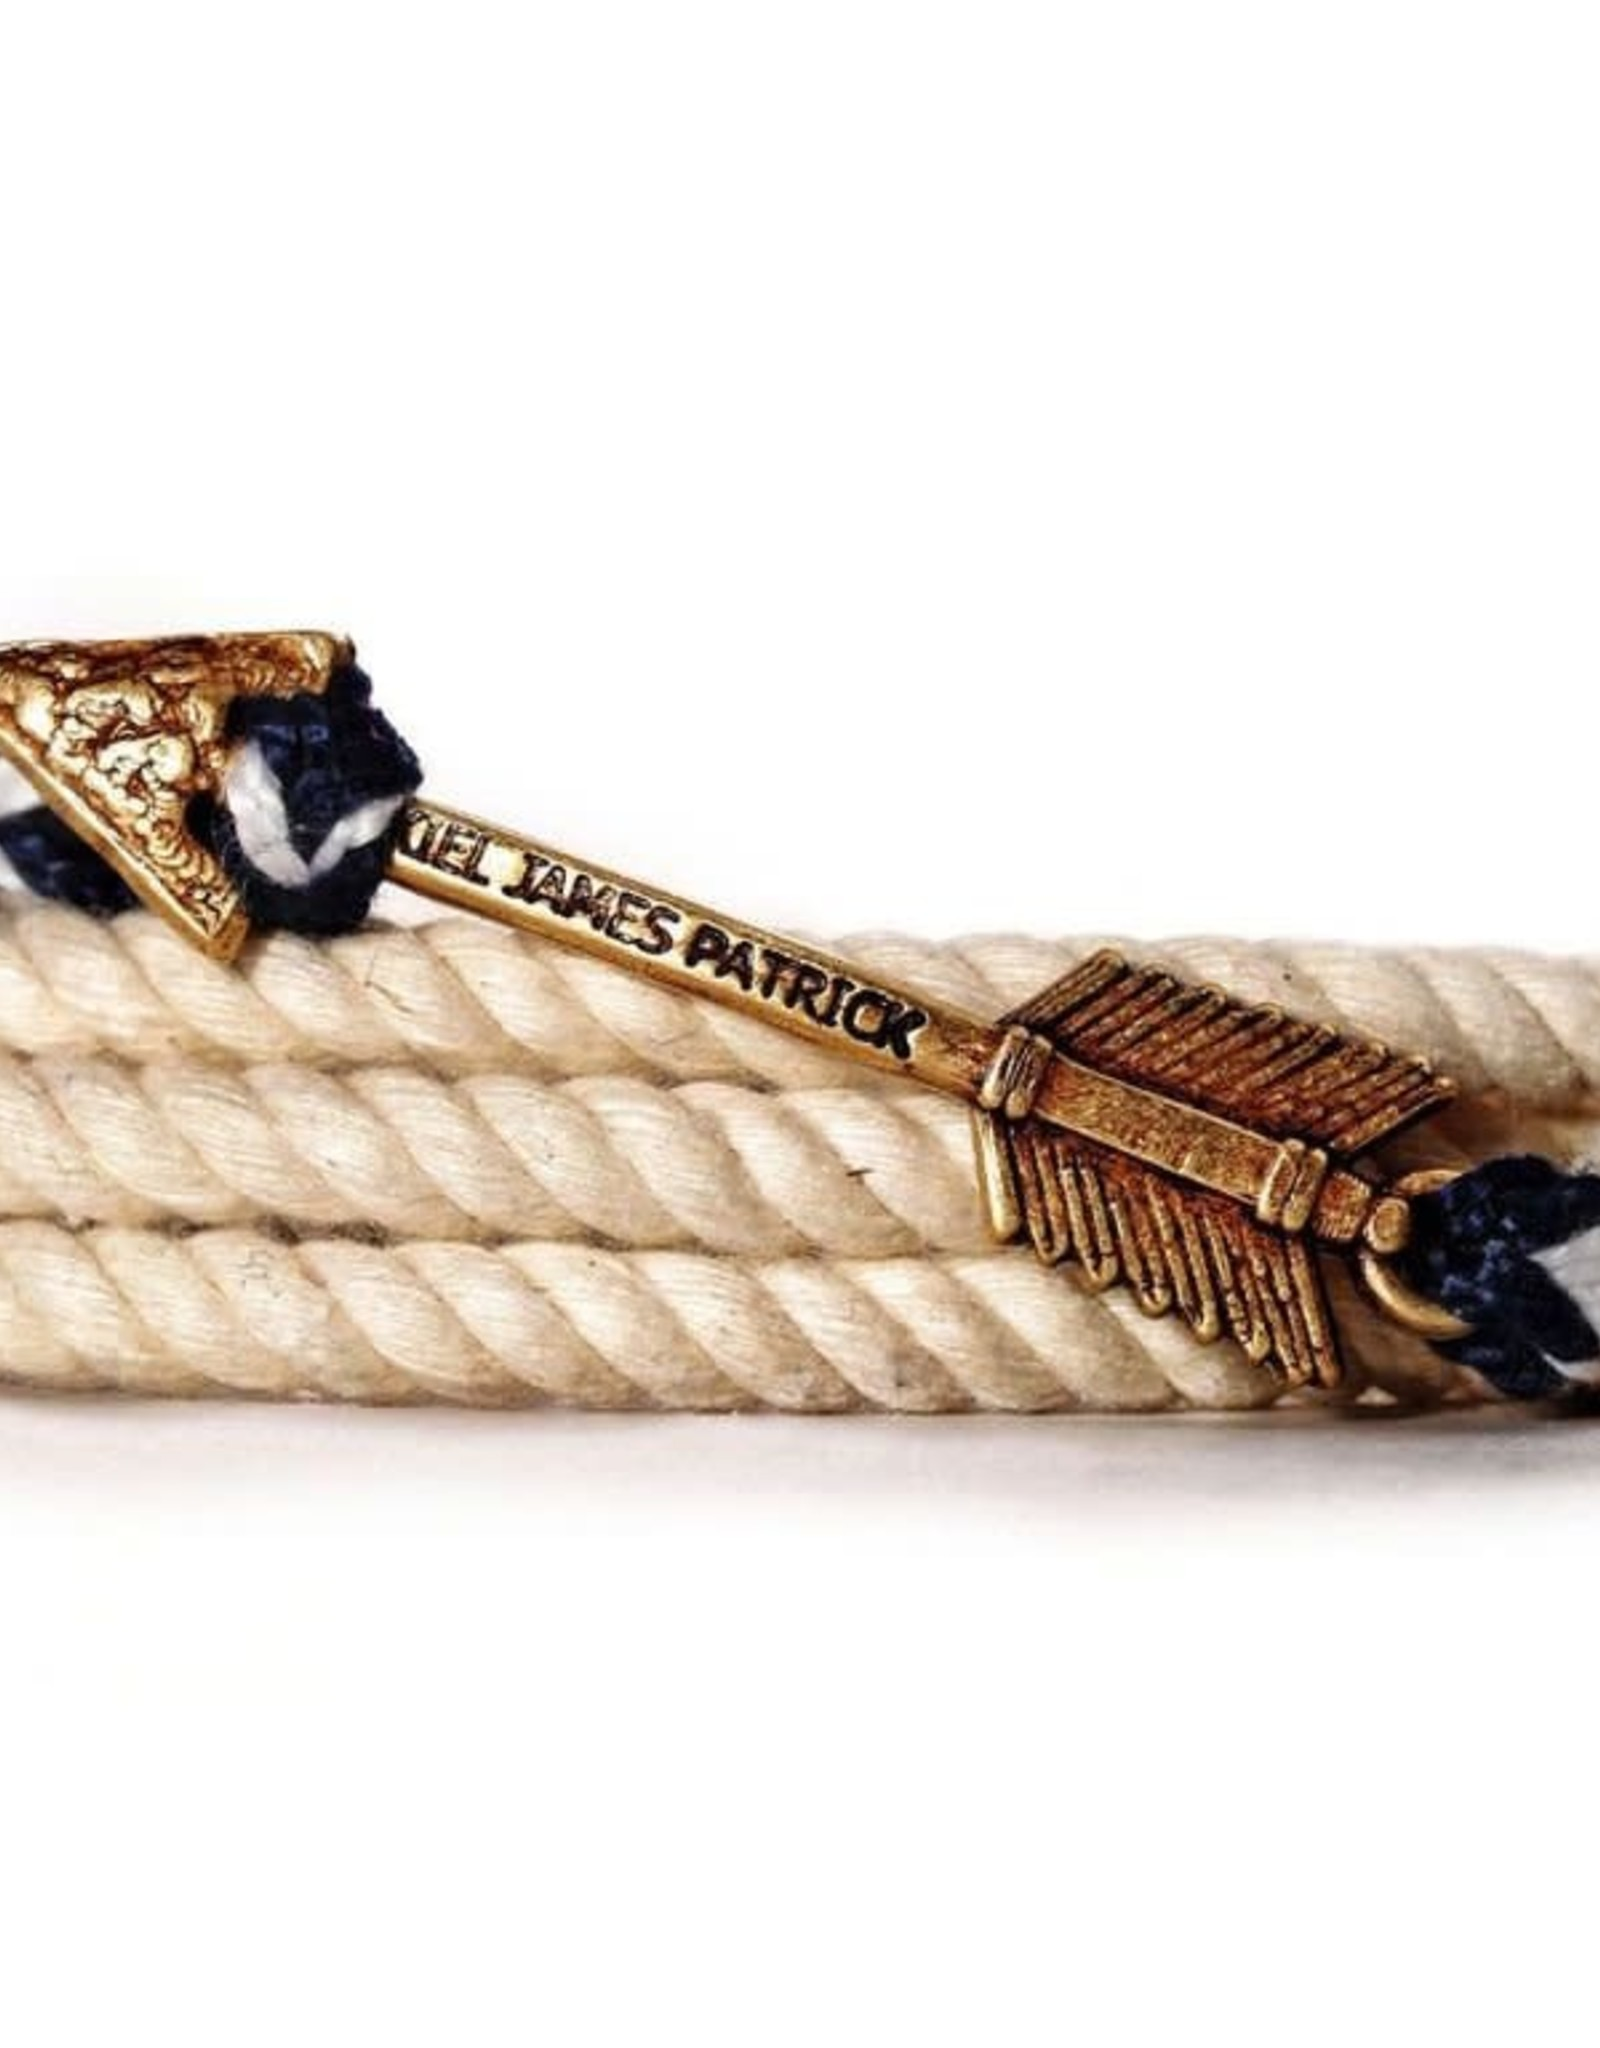 Kiel James Patrick Arrow Compass Bracelet